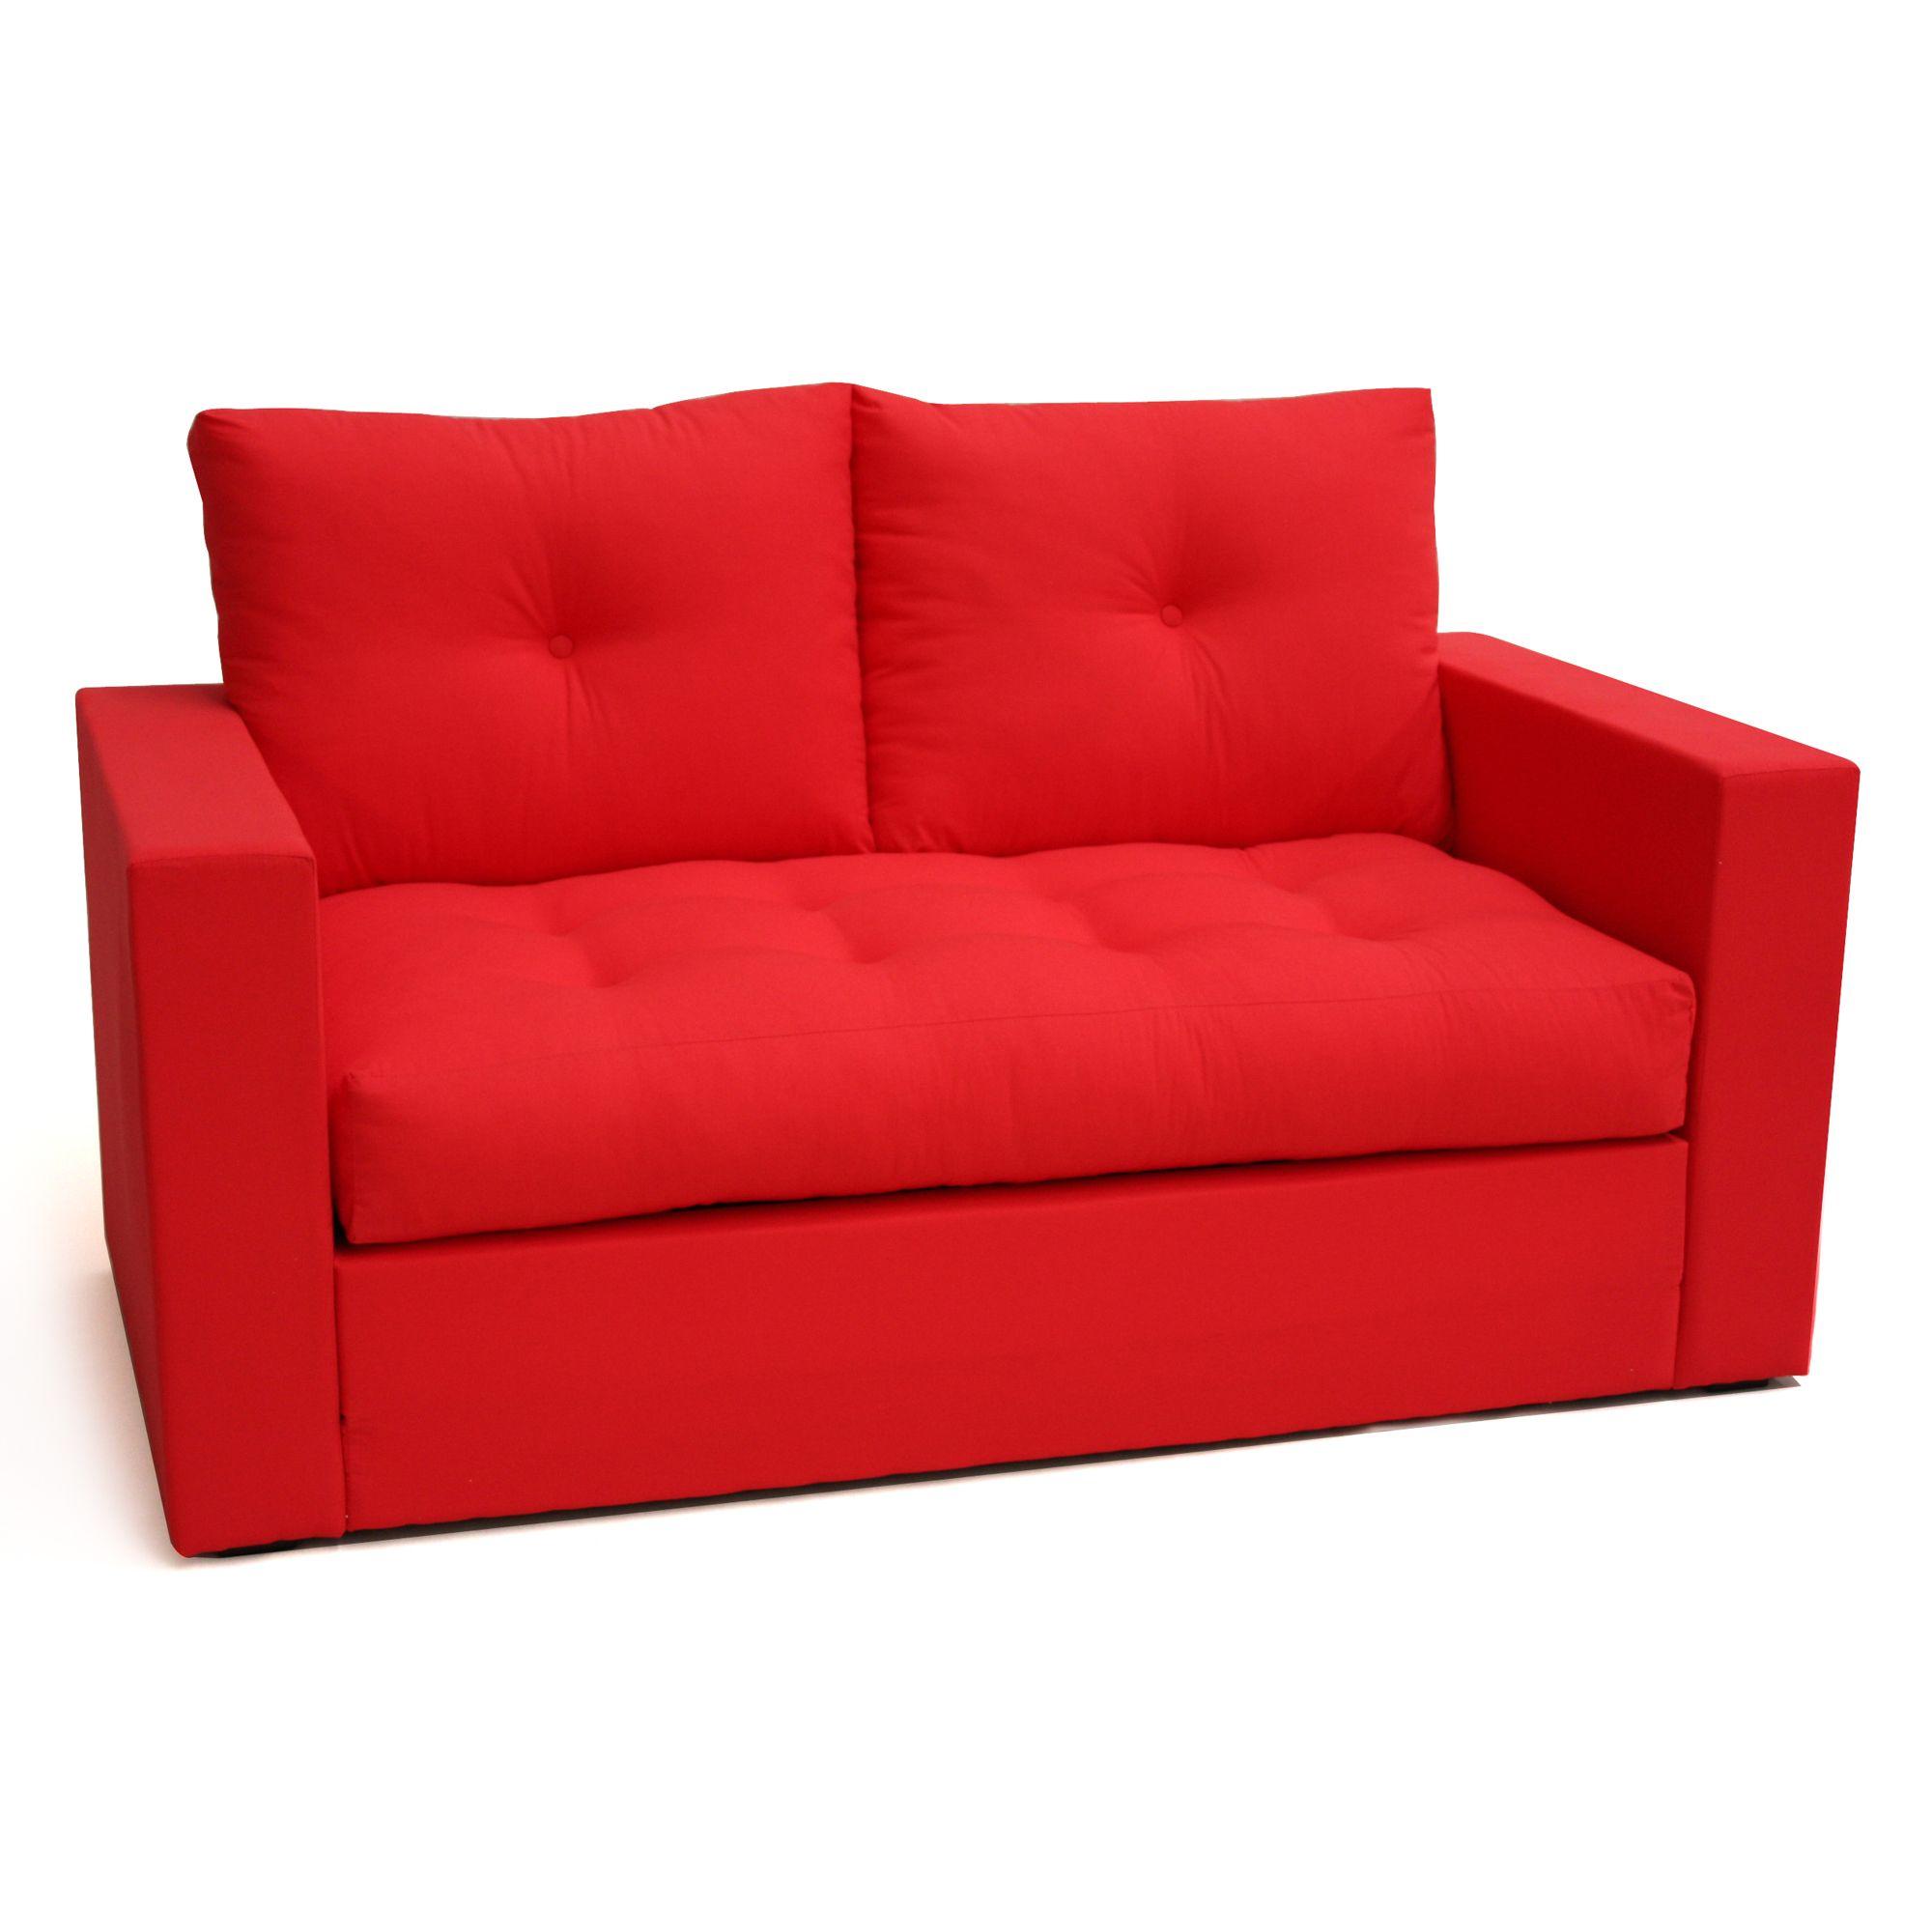 canap transformable 2 places enzo rouge prix promo la maison de valerie 15999 - Canape En Promotion